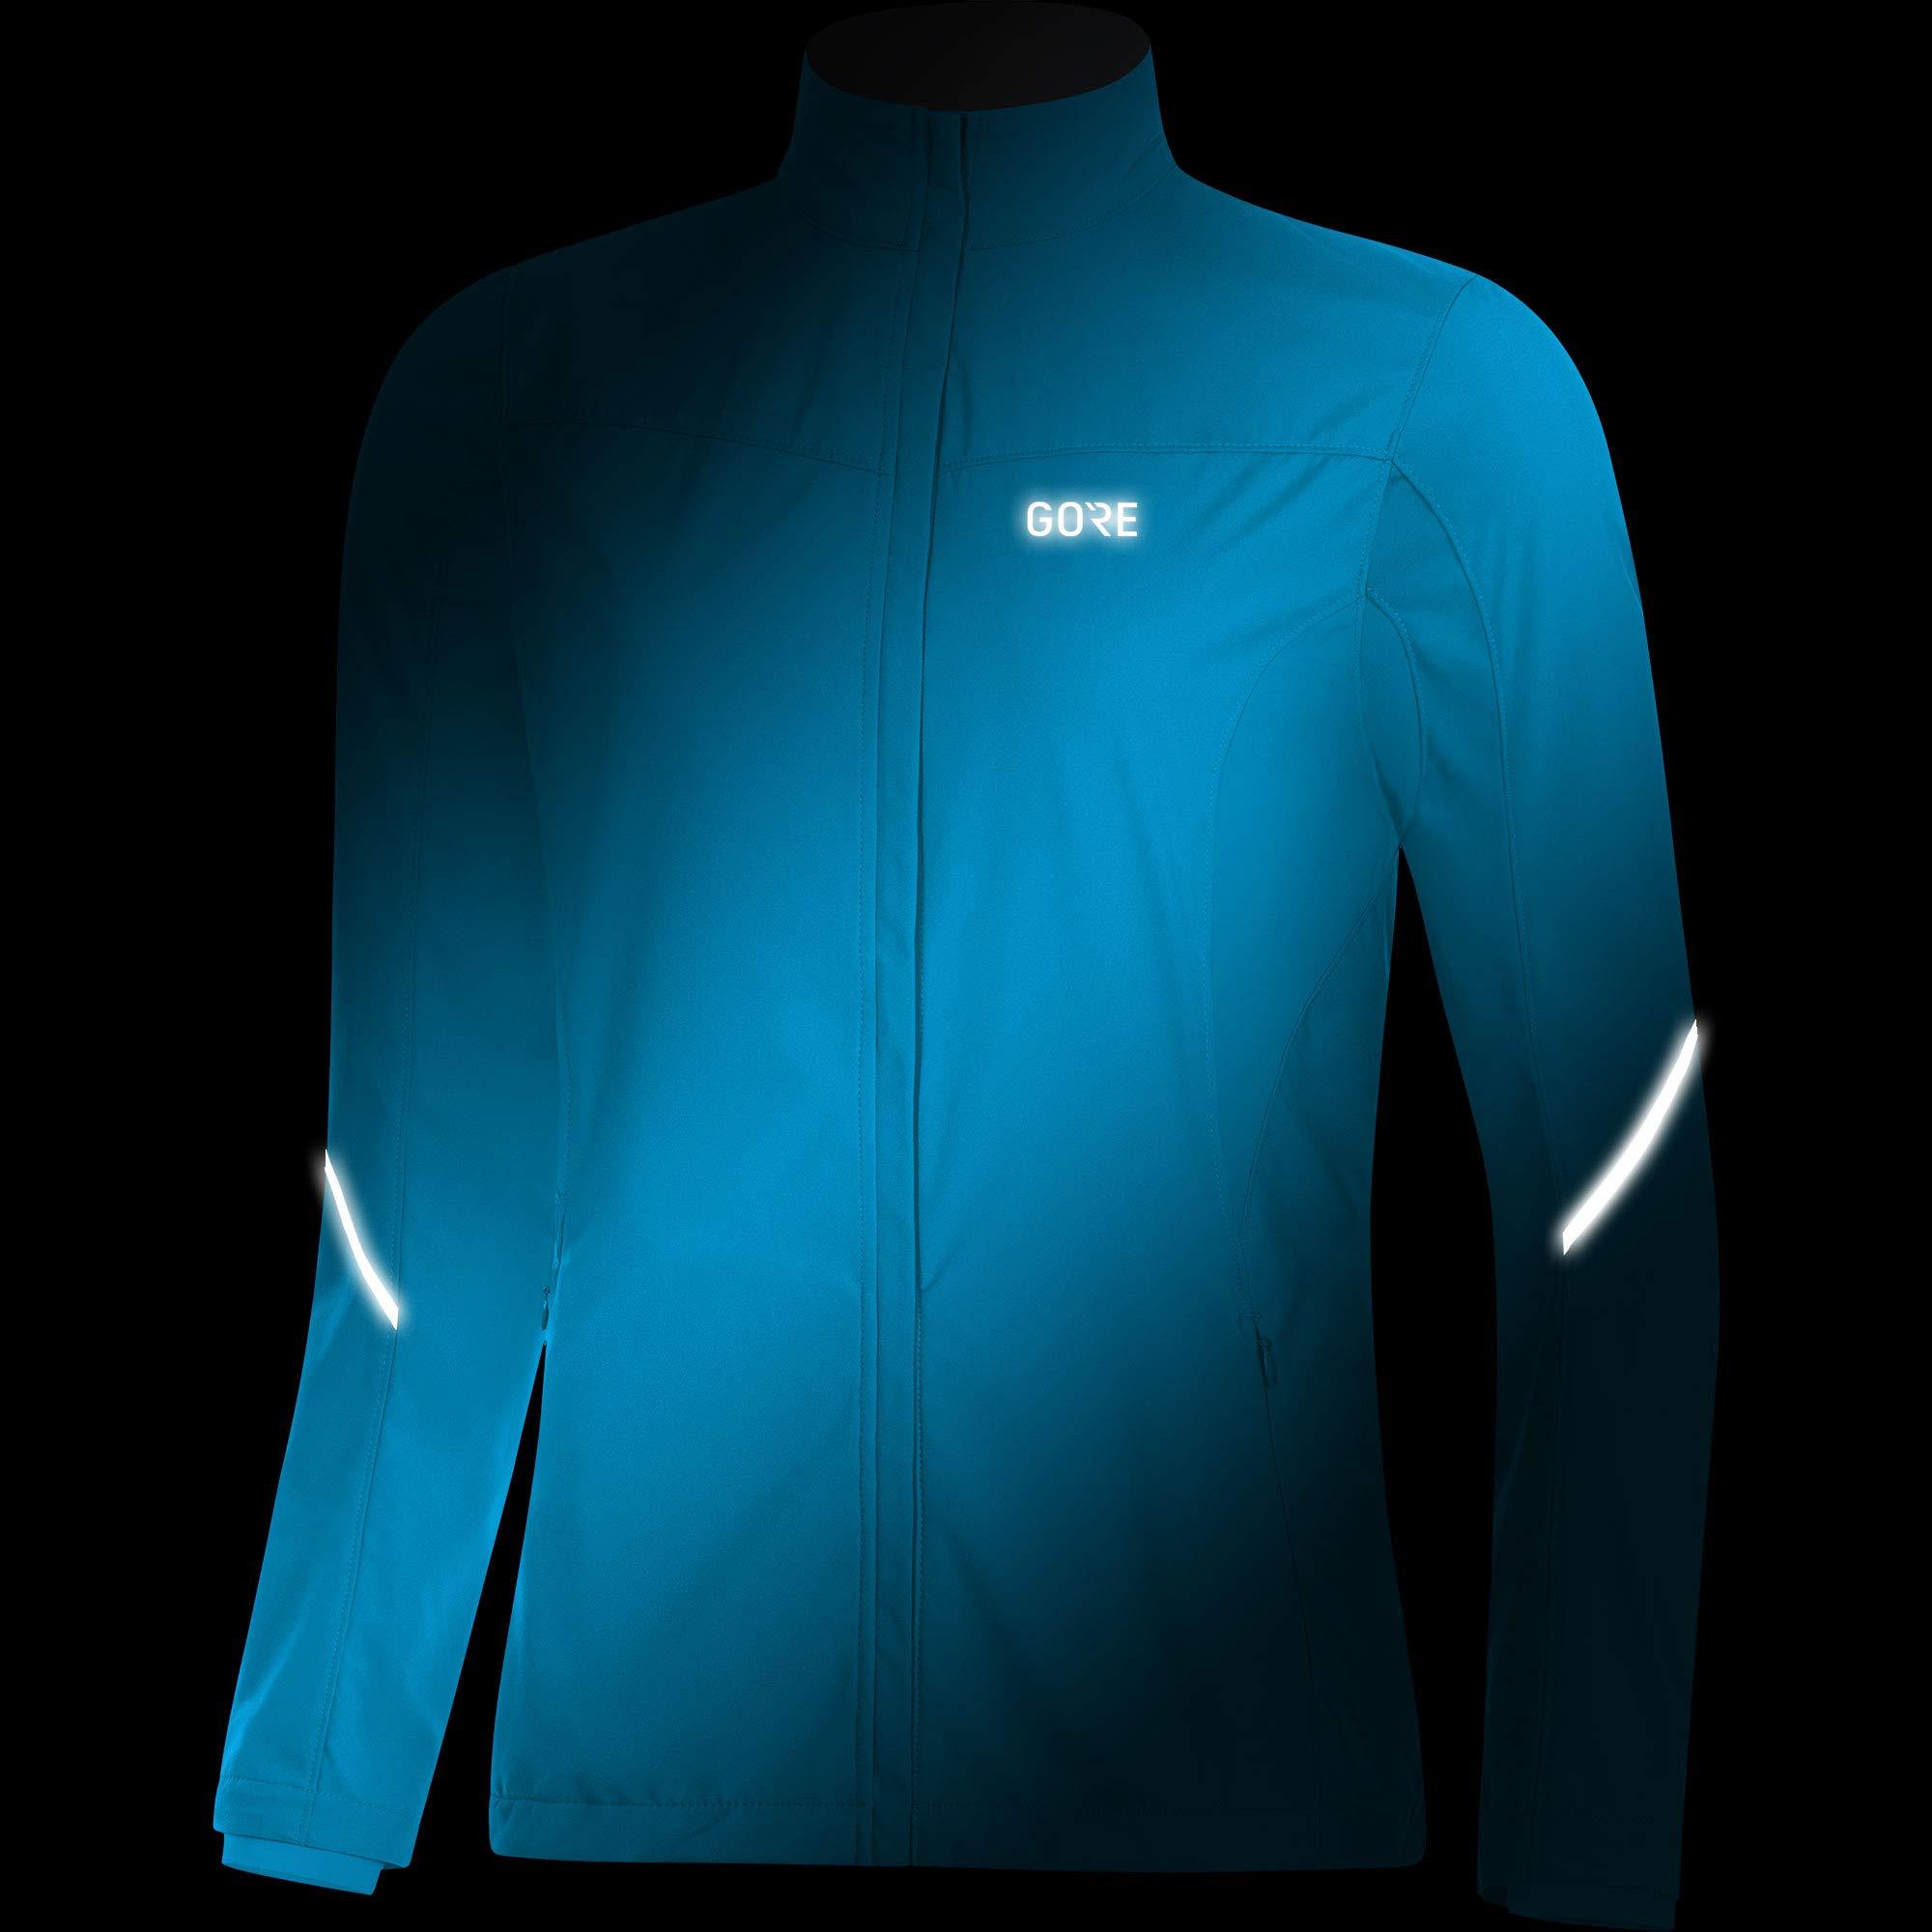 GORE Wear Women's Windproof Running Jacket, R3 Women's Partial WINDSTOPPER Jacket, Size: L, Color: Dynamic Cyan, 100081 by GORE WEAR (Image #3)